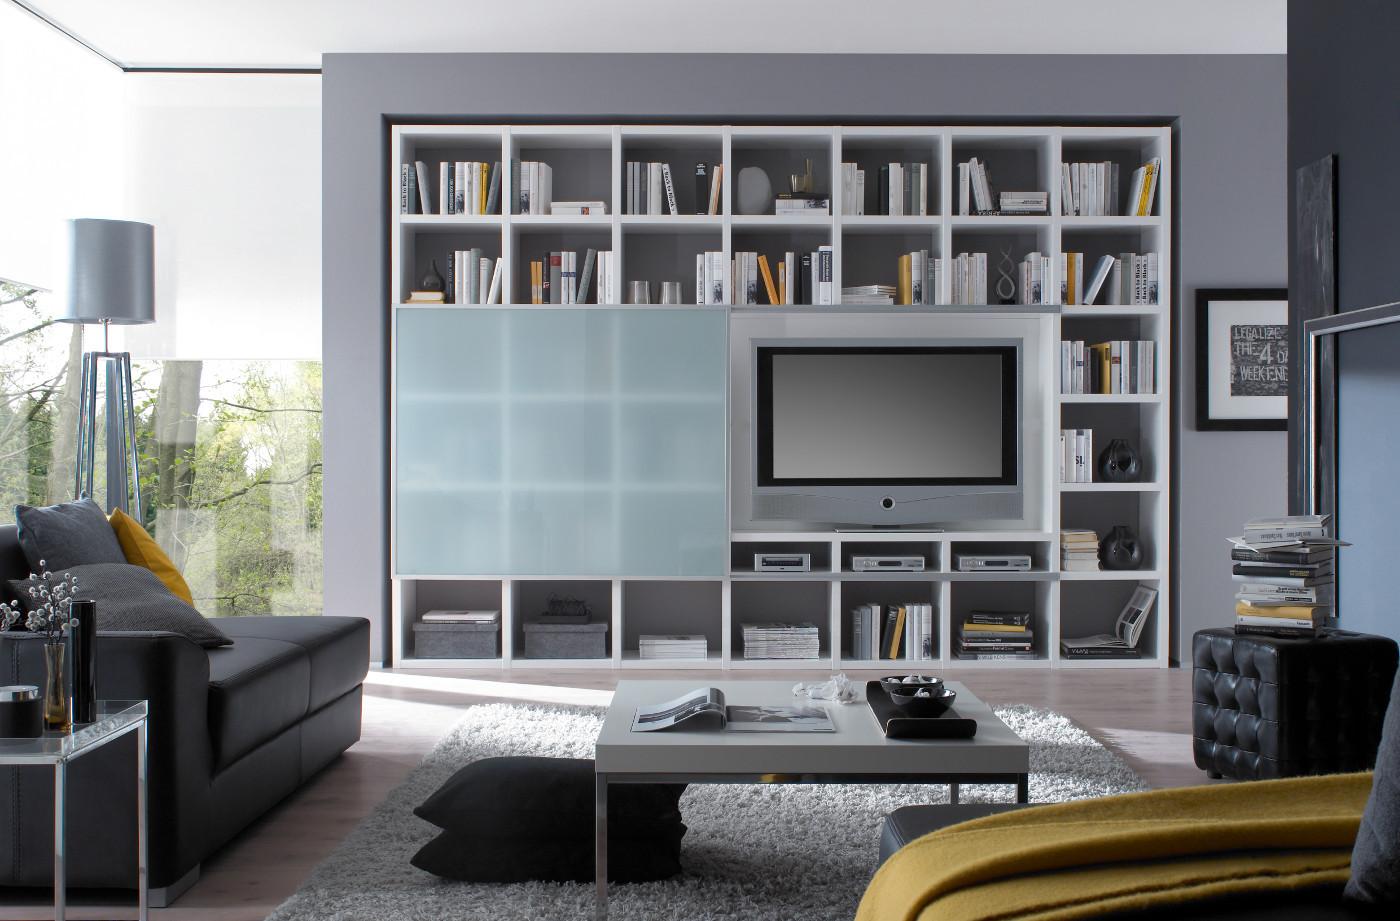 Wohnwand Bücherwand Hochglanz weiß TV Schiebetür